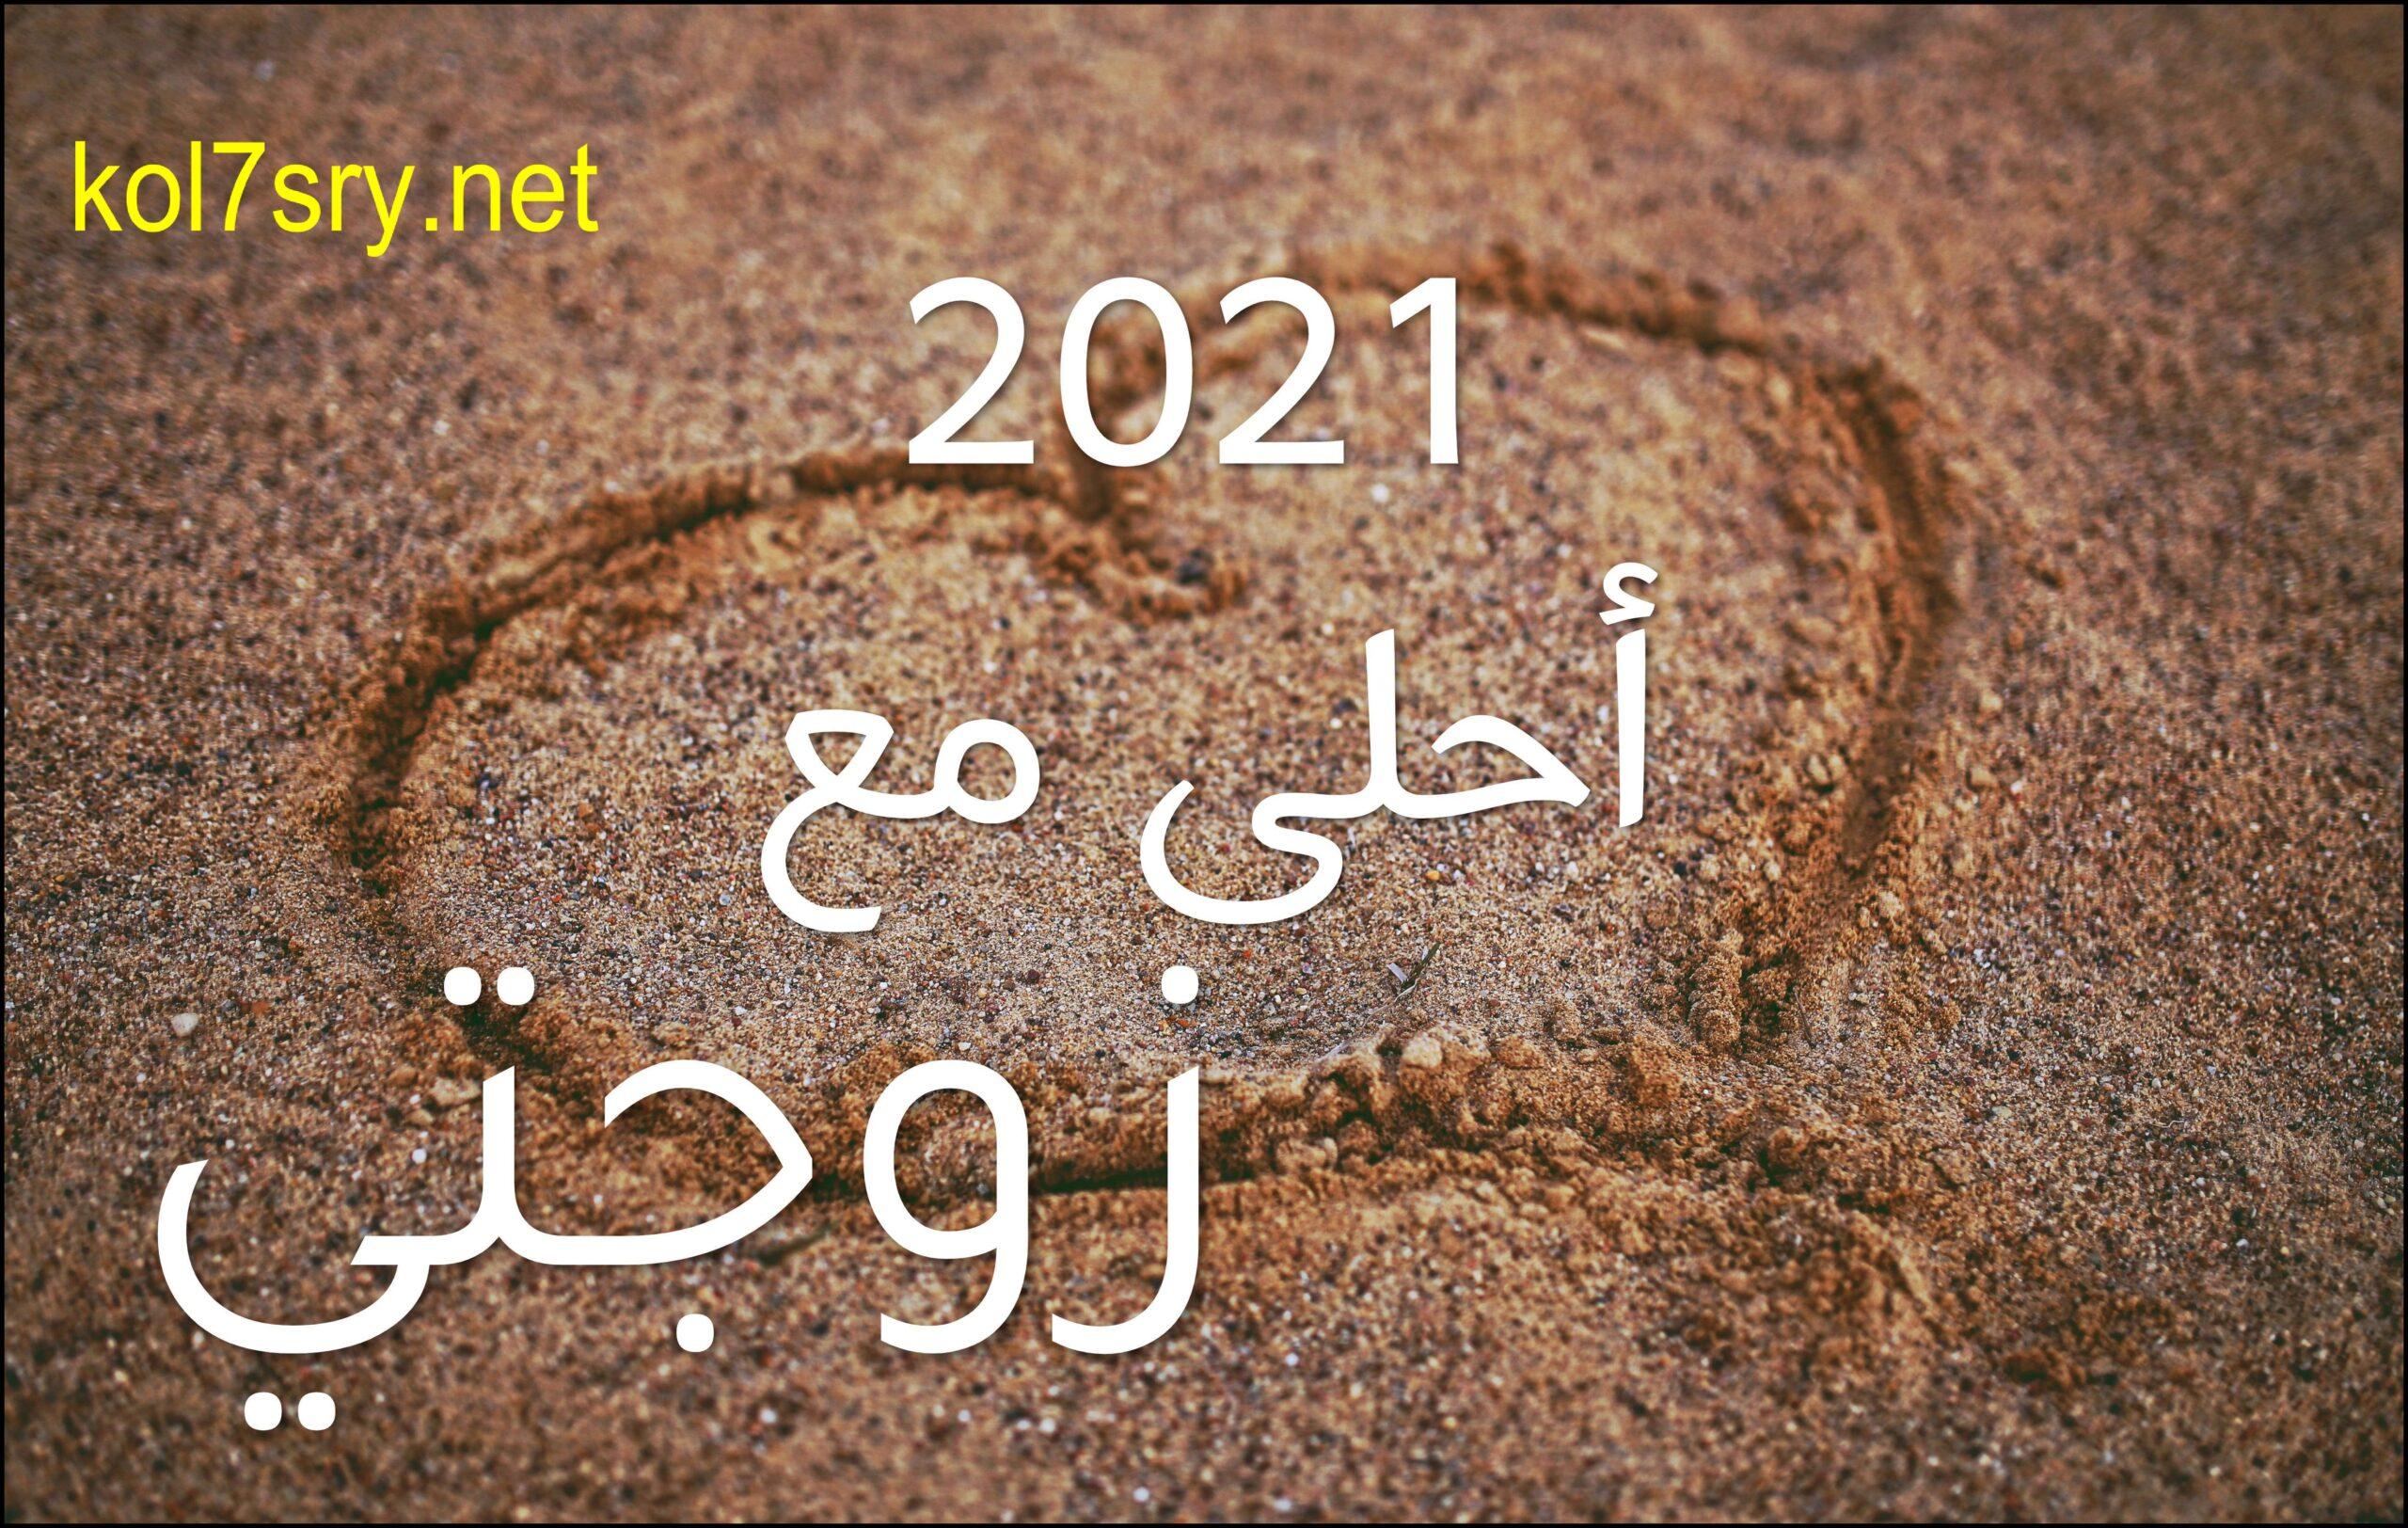 2021 أحلى مع اسمك أجمل 40 صورة HD لعام 2021 احلى مع مجانا اطلب التصميم بالتعليقات 5